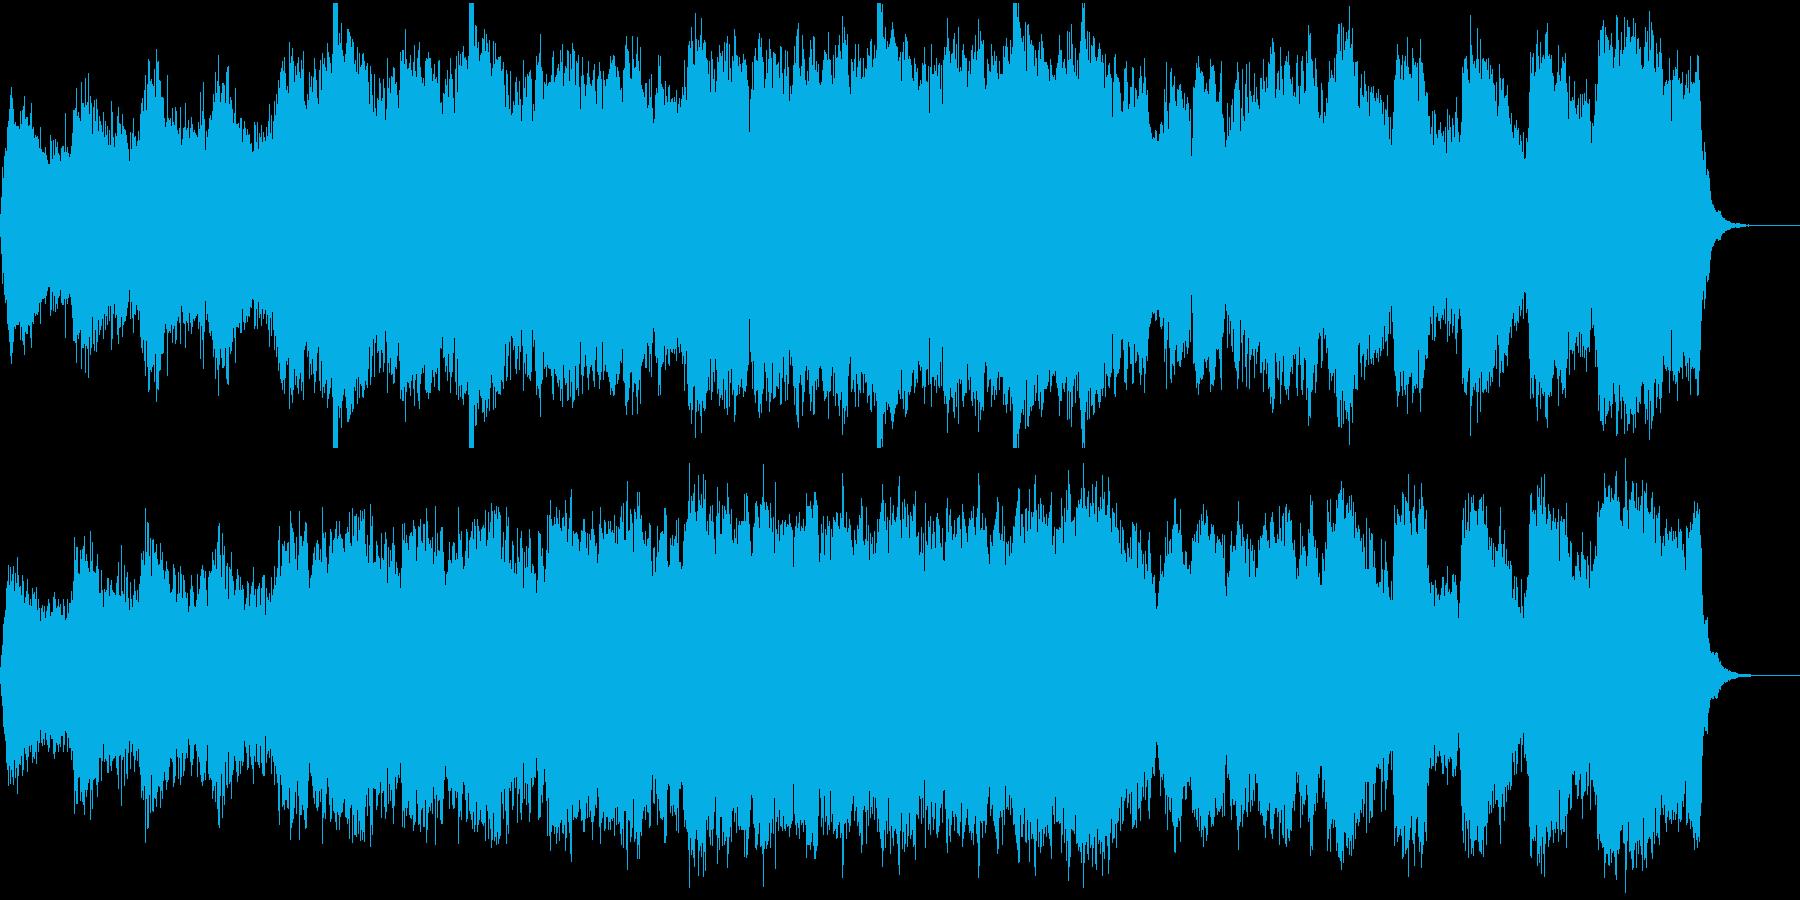 悲劇の運命 オーケストラ風の再生済みの波形